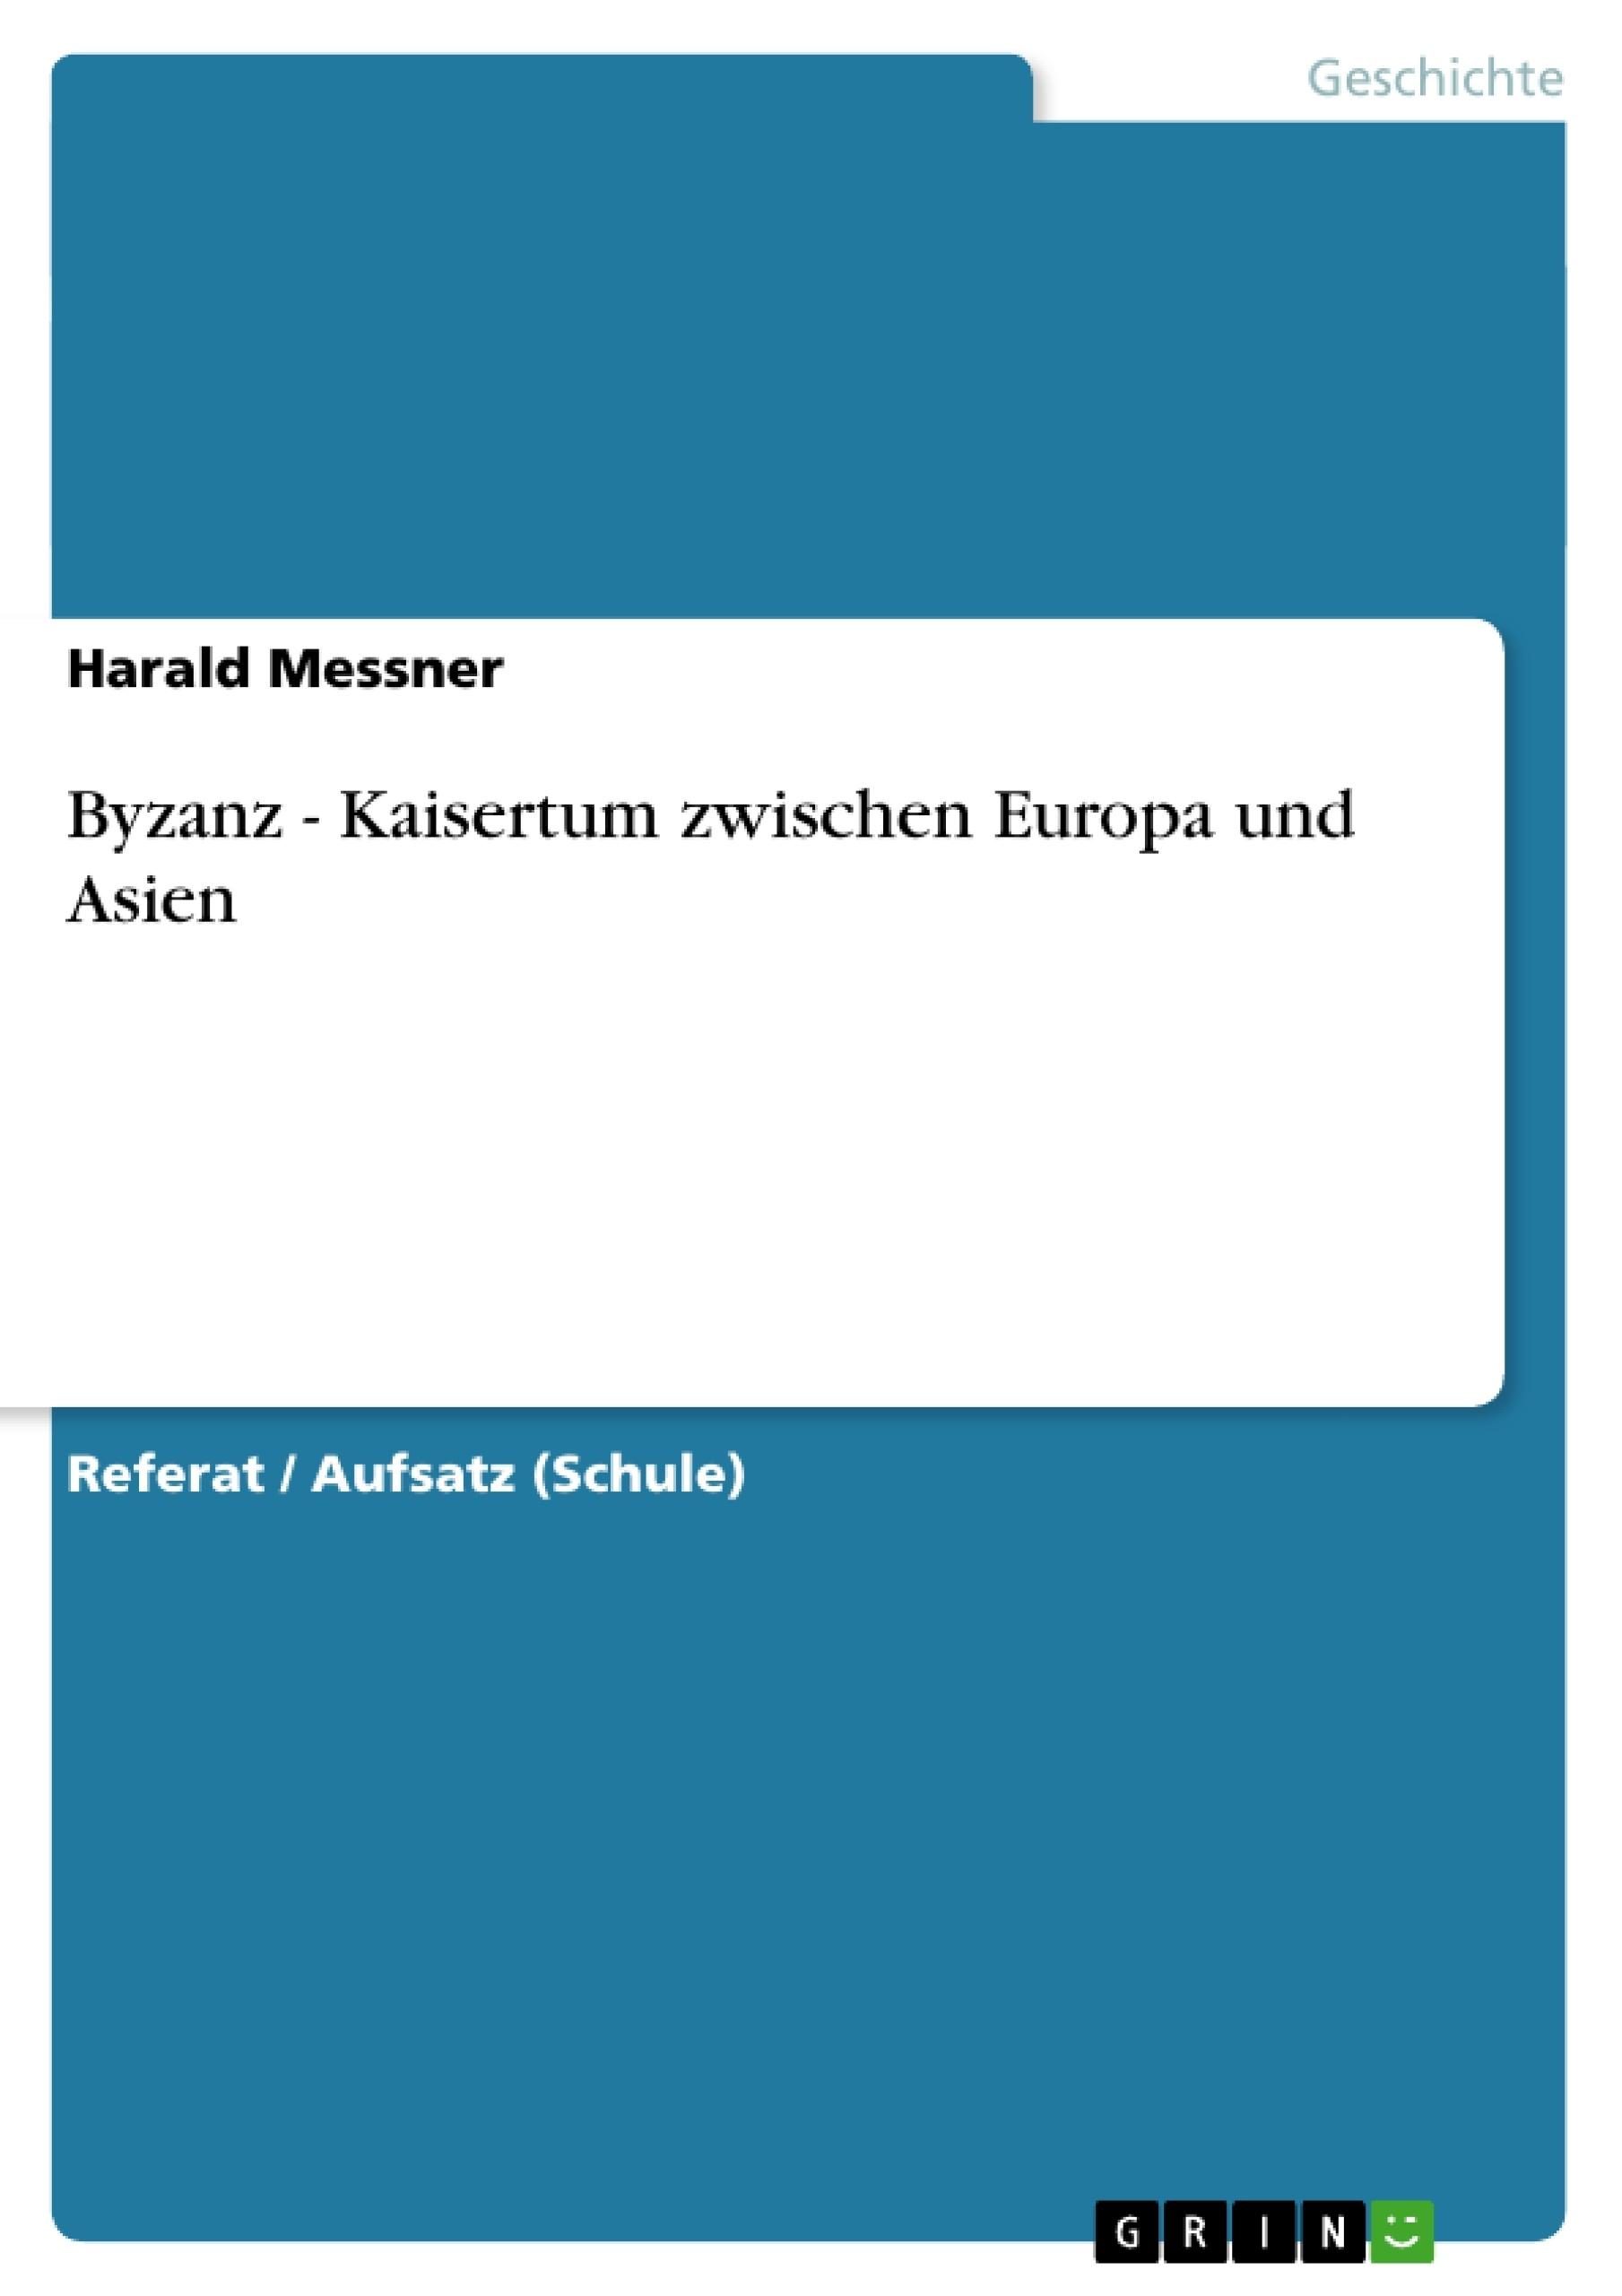 Titel: Byzanz - Kaisertum zwischen Europa und Asien